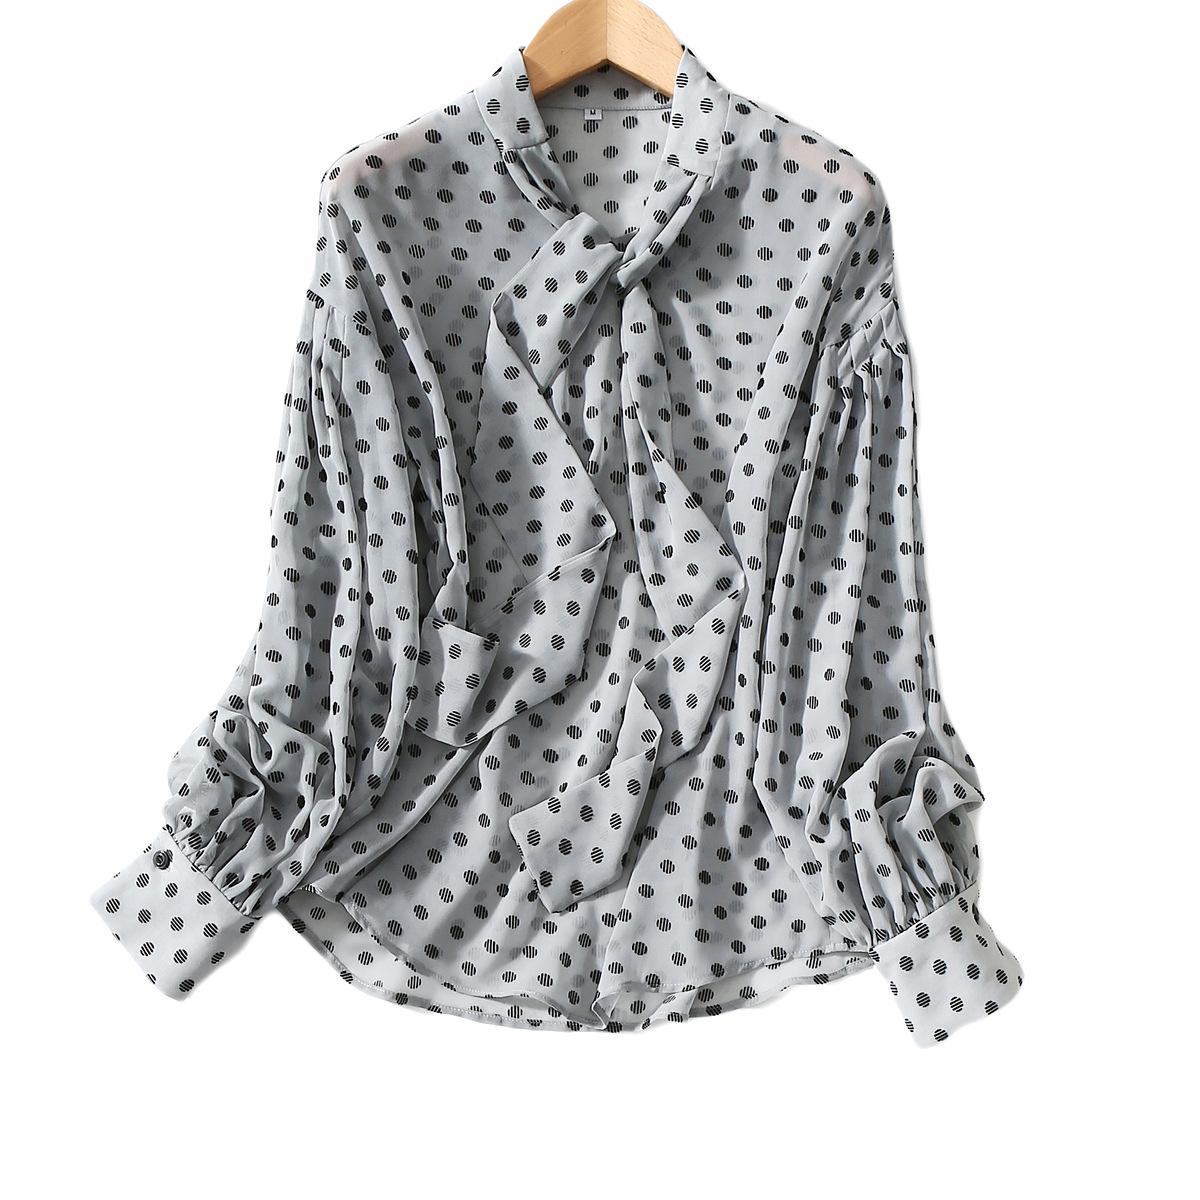 批发2020春夏新款清新蓝底植绒波点元素飘带灯笼衬衫衬衣上衣女